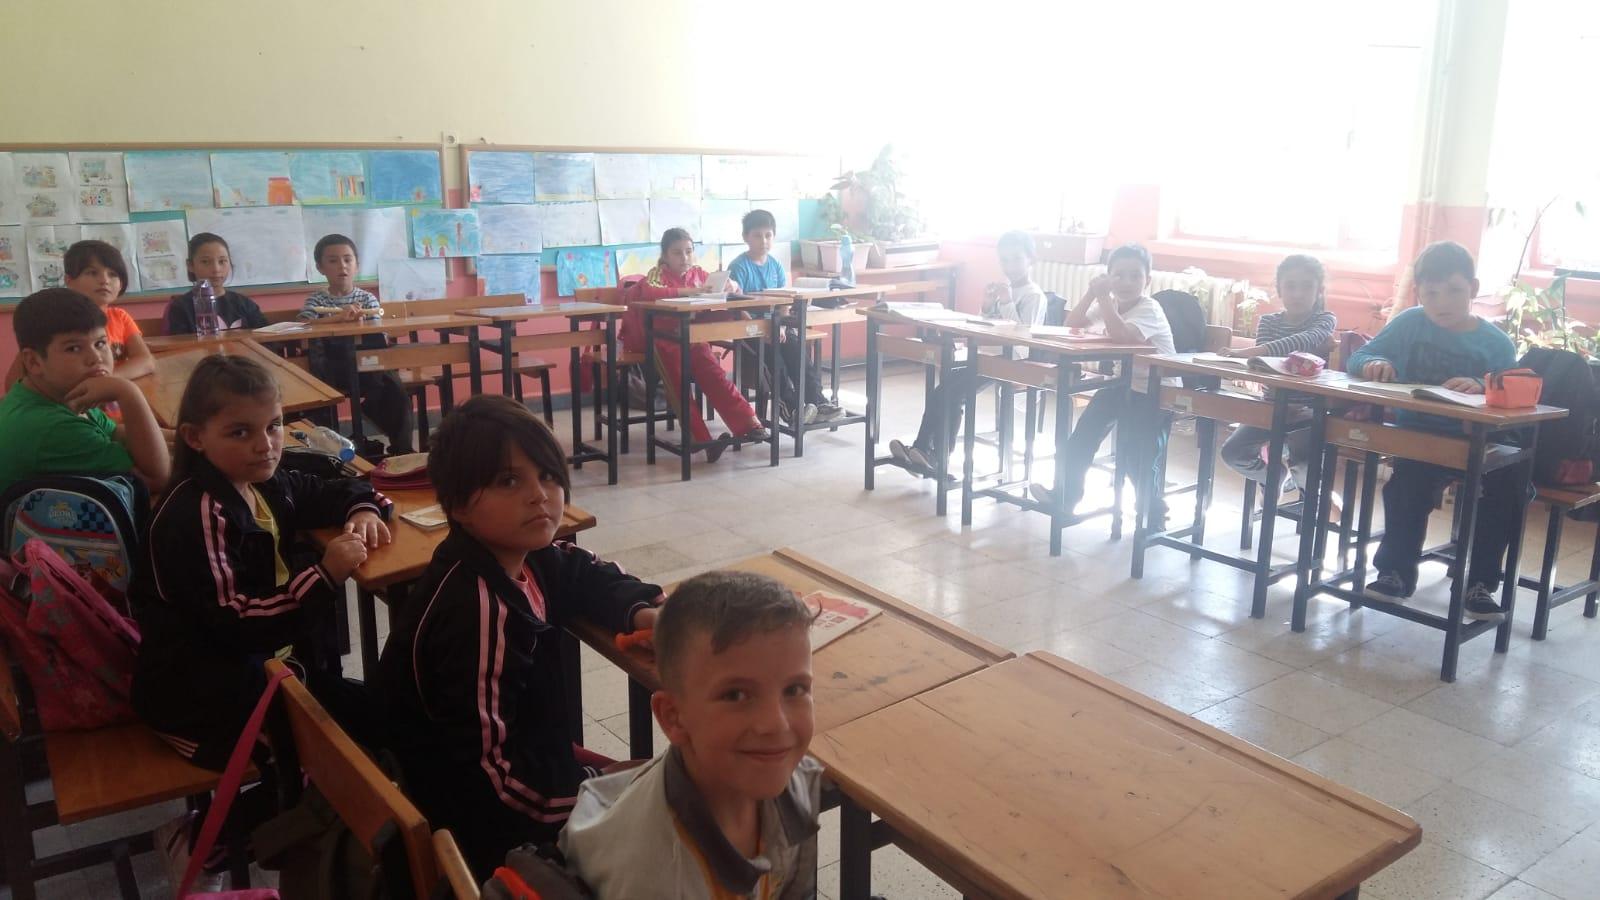 Makaracı İlkokulu'nda Sıfır Atık Konulu Eğitim Verildi